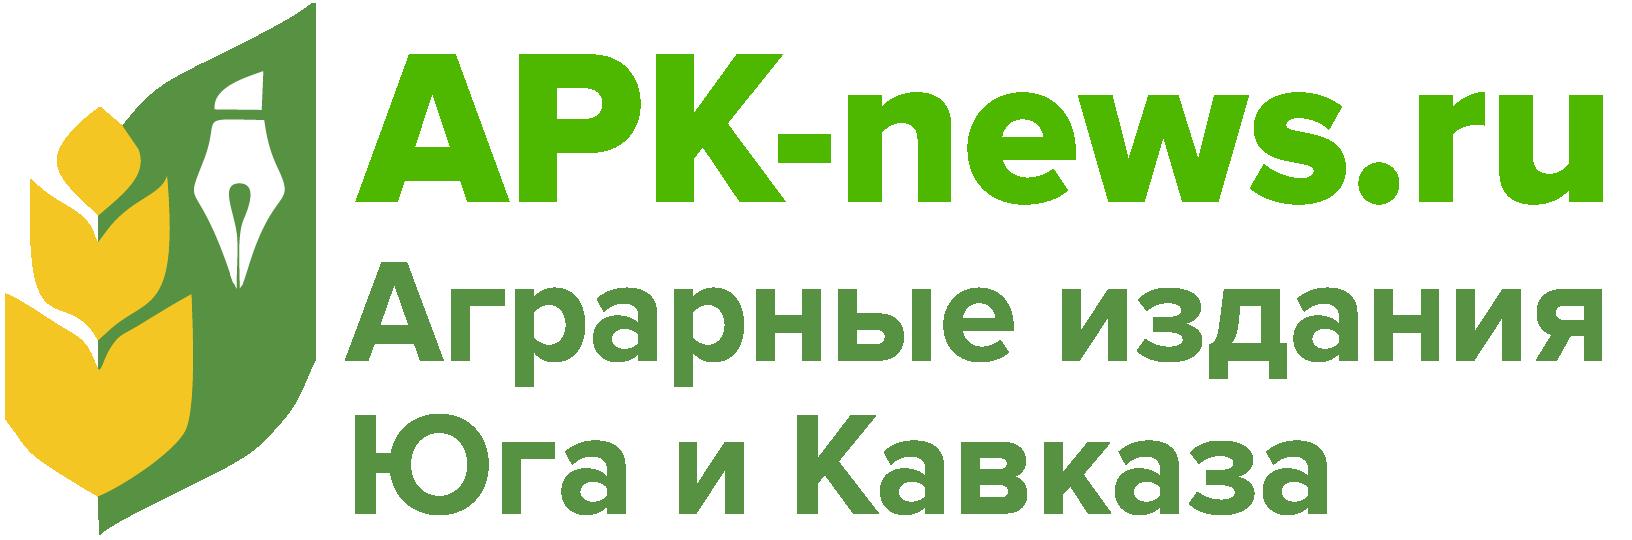 Аграрные издания Юга и Кавказа